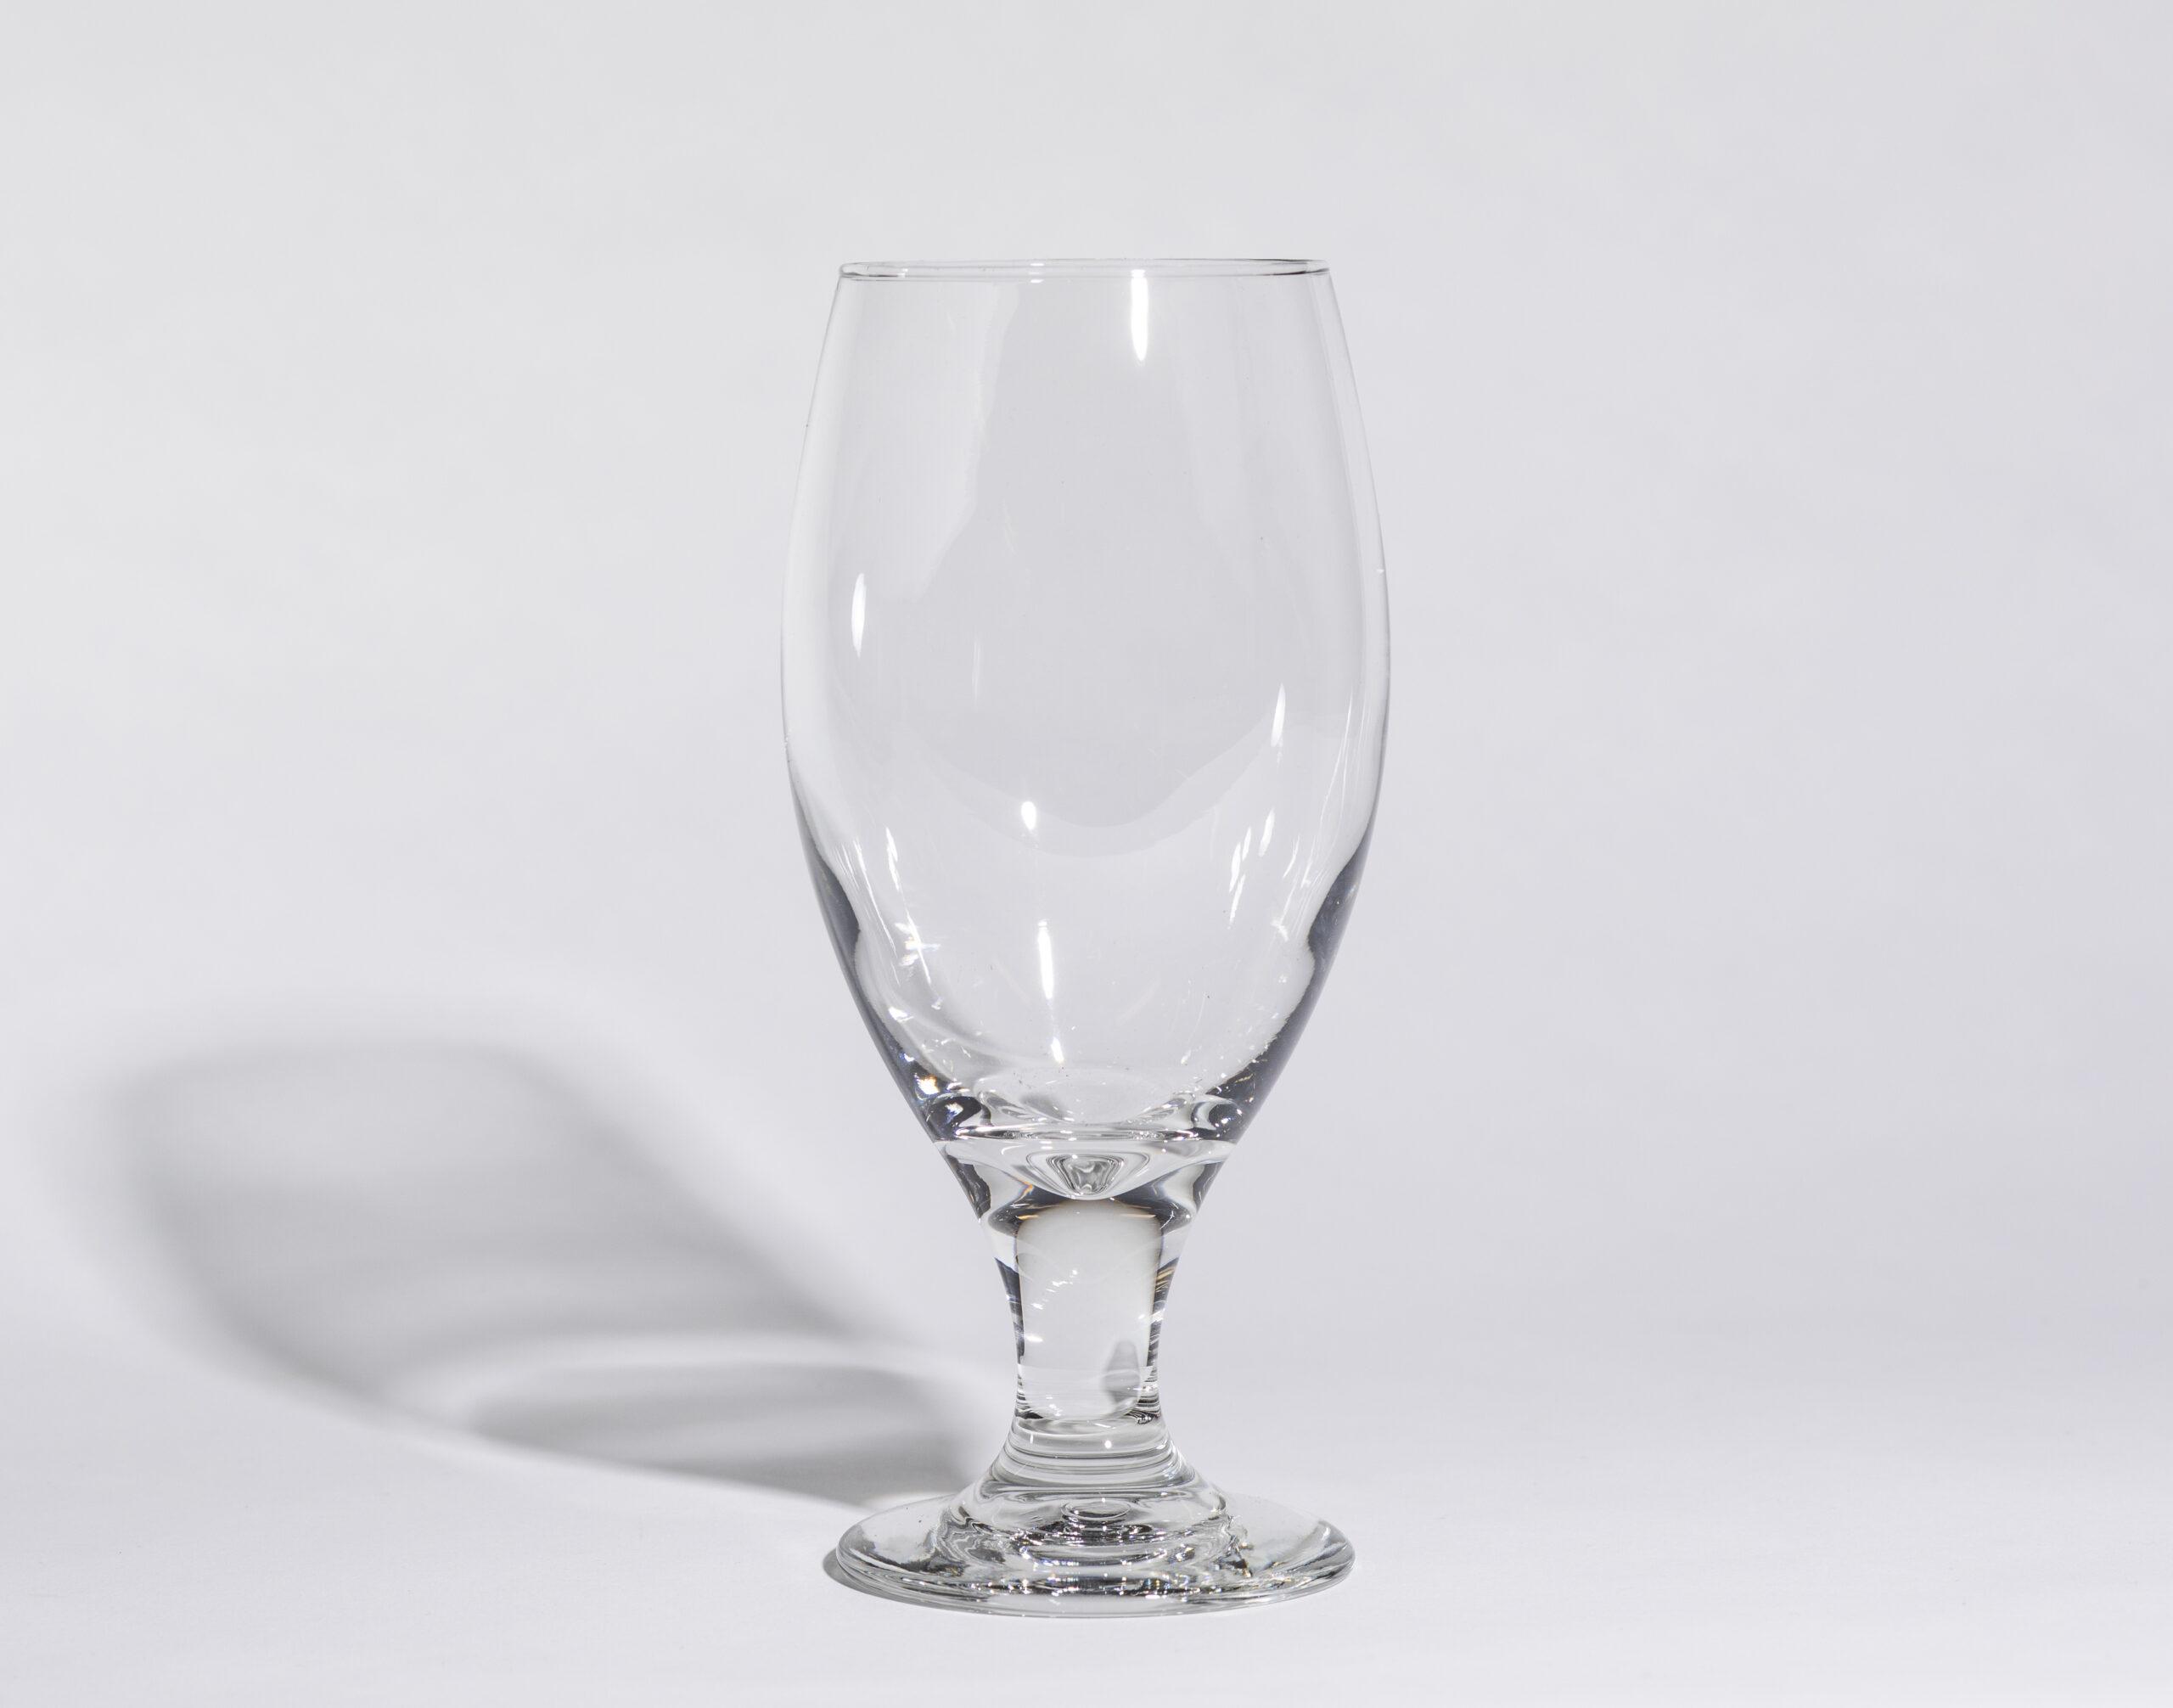 Beer glasses (15oz, stemmed)